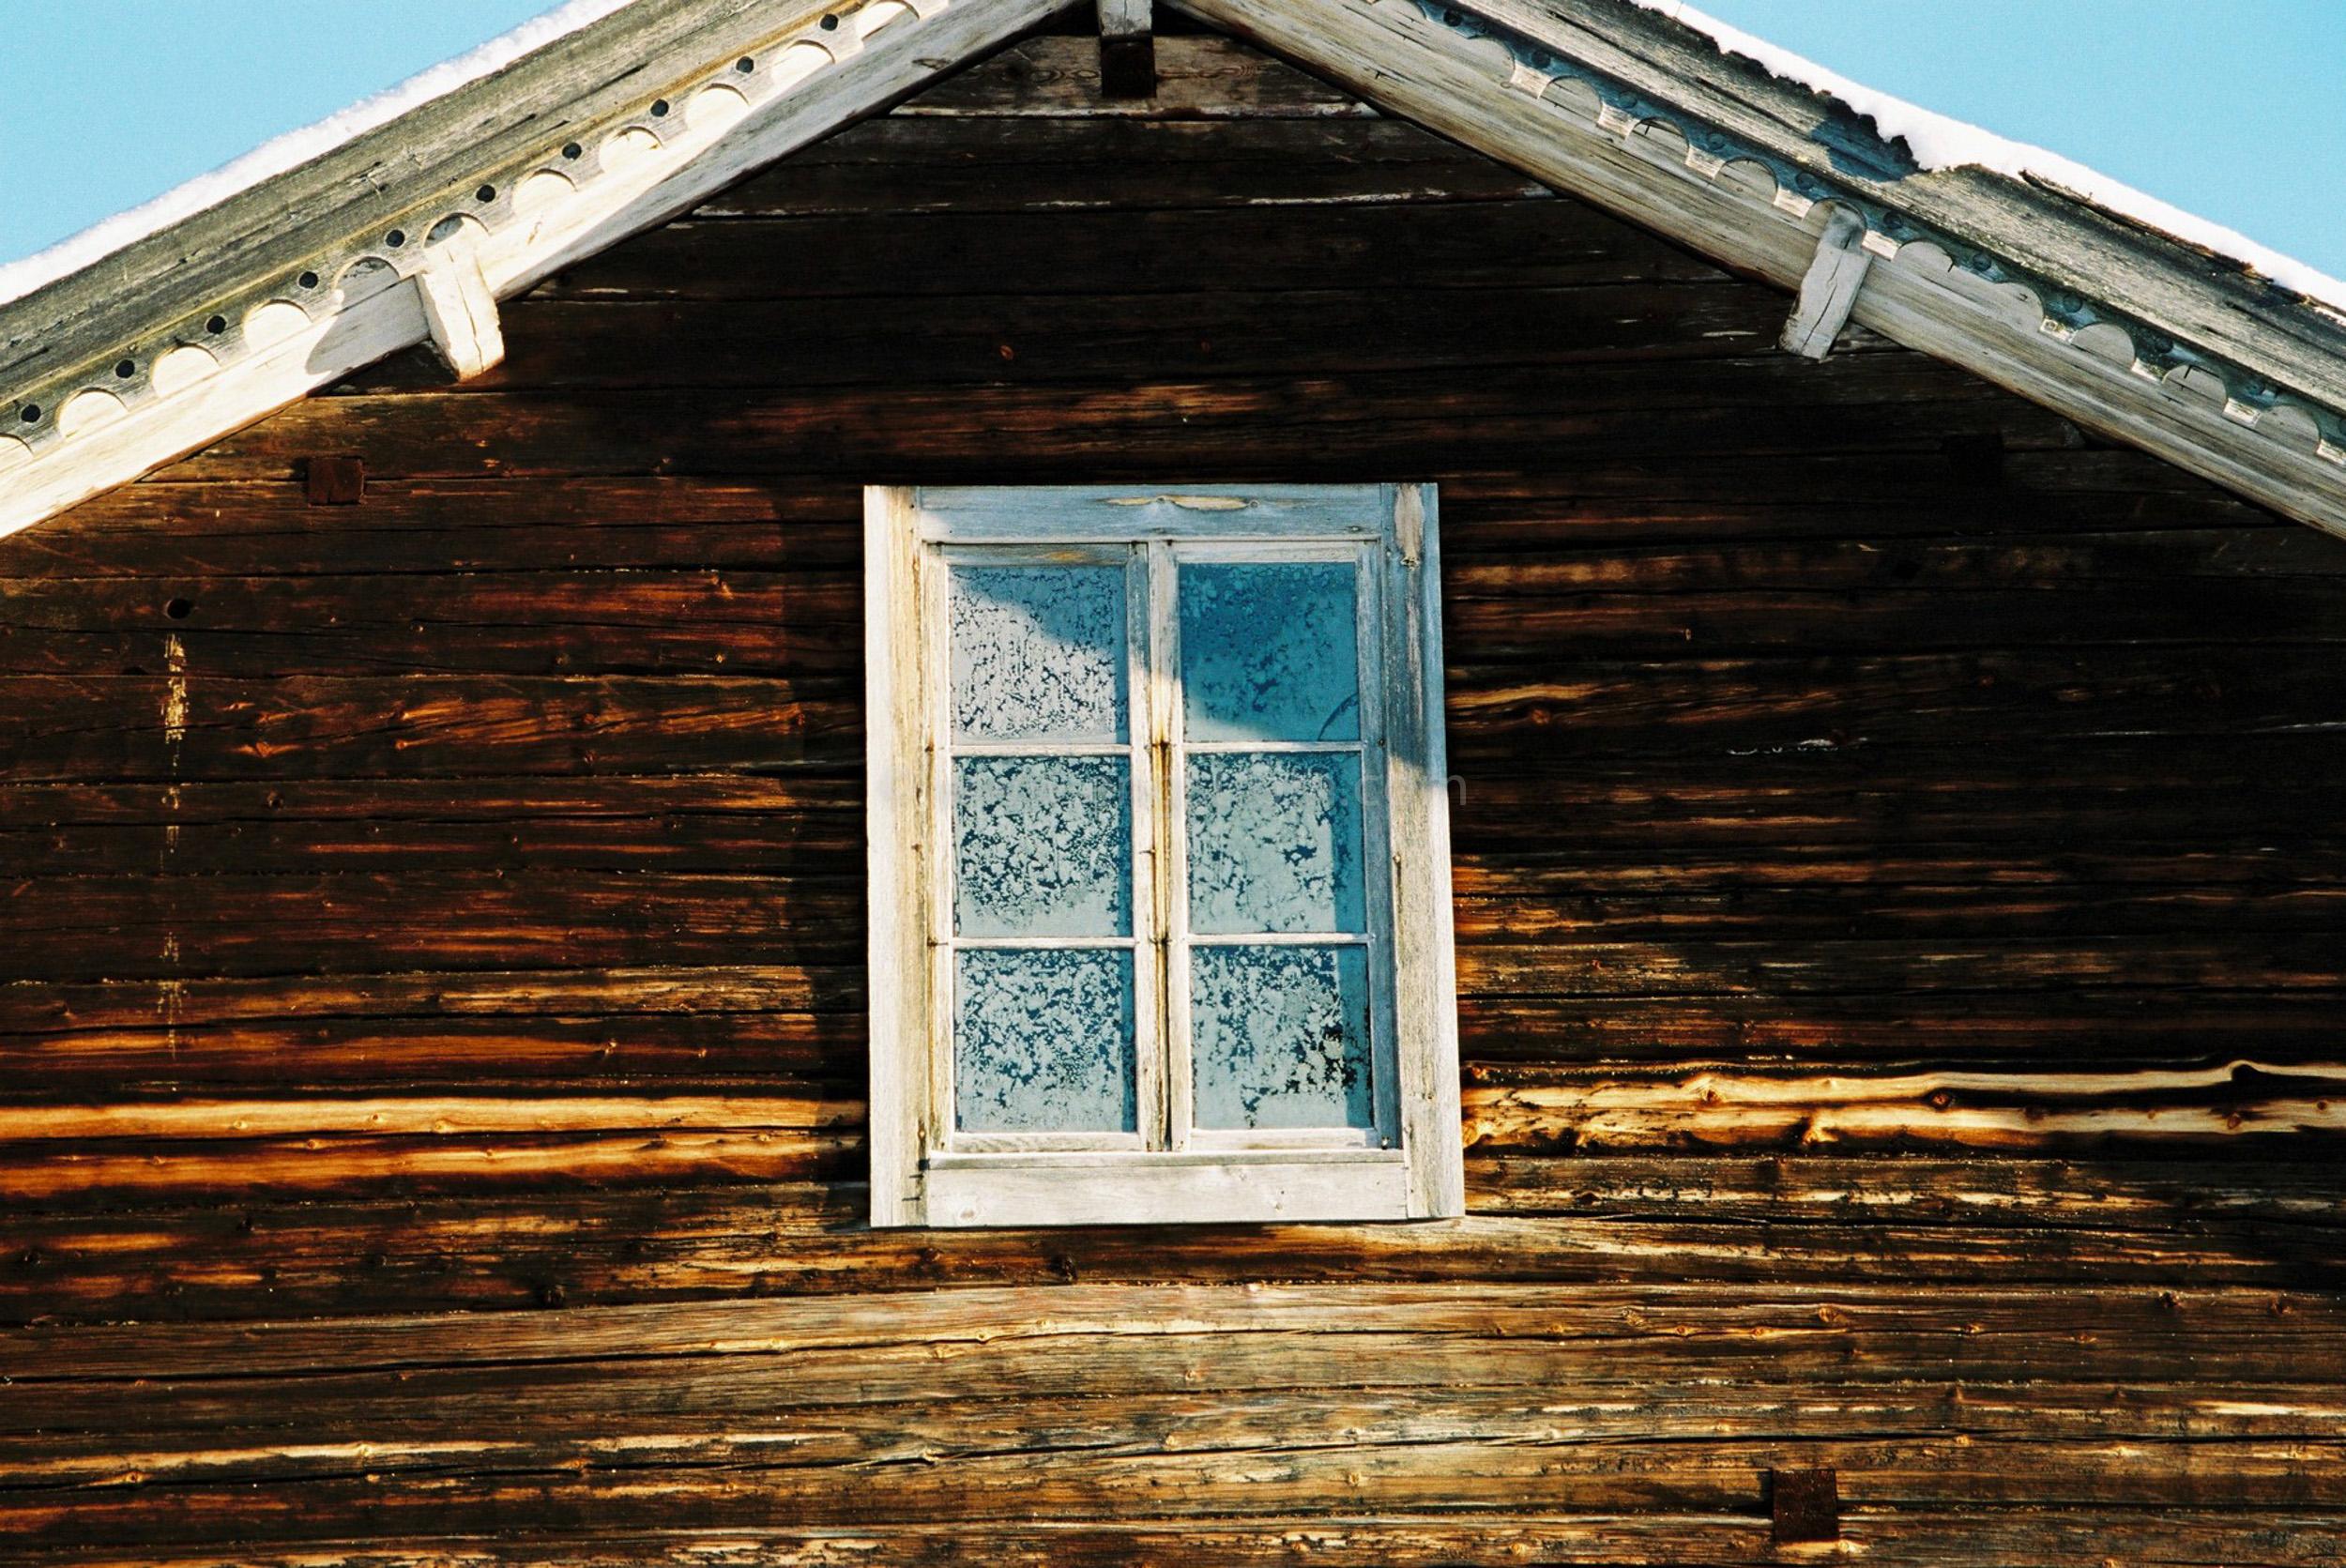 JE0400_055, Solbränt timmerhus. Ranvall vintern 2004, Jonas Engström